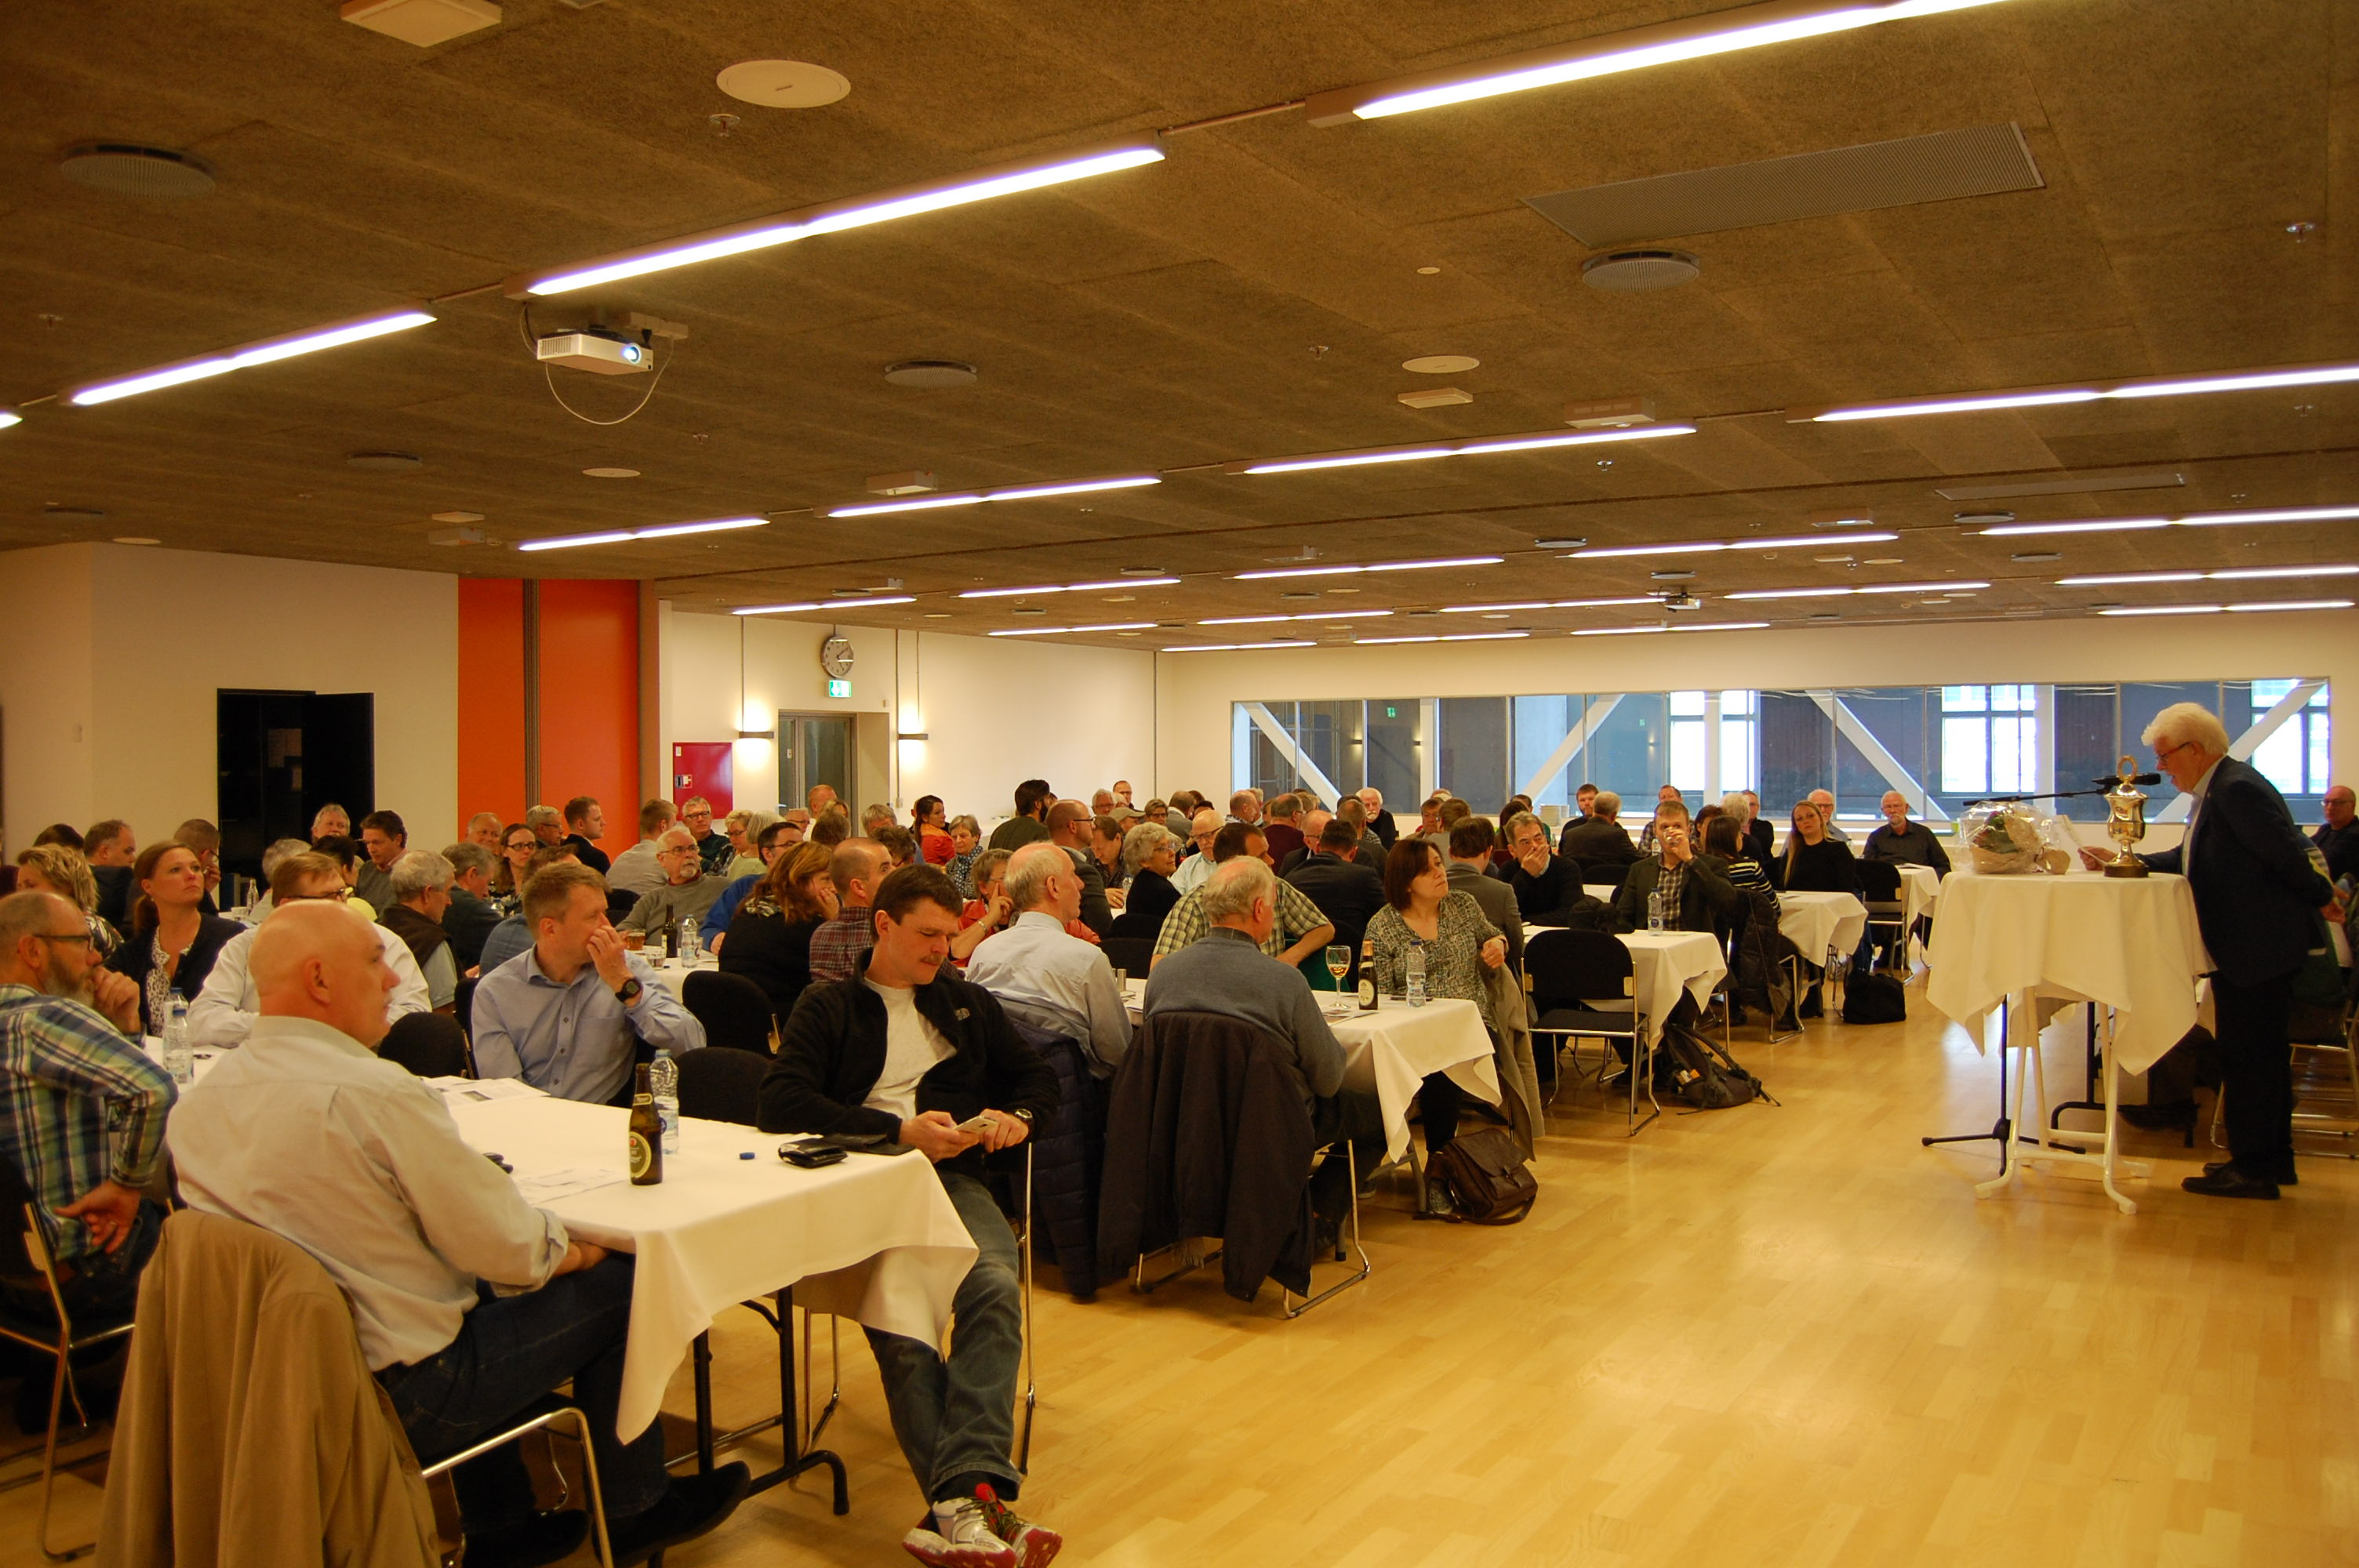 SIFAs formand Keld Jensen byder velkommen til de fremmødte til Repræsentantskabsmødet 2. maj 2016.